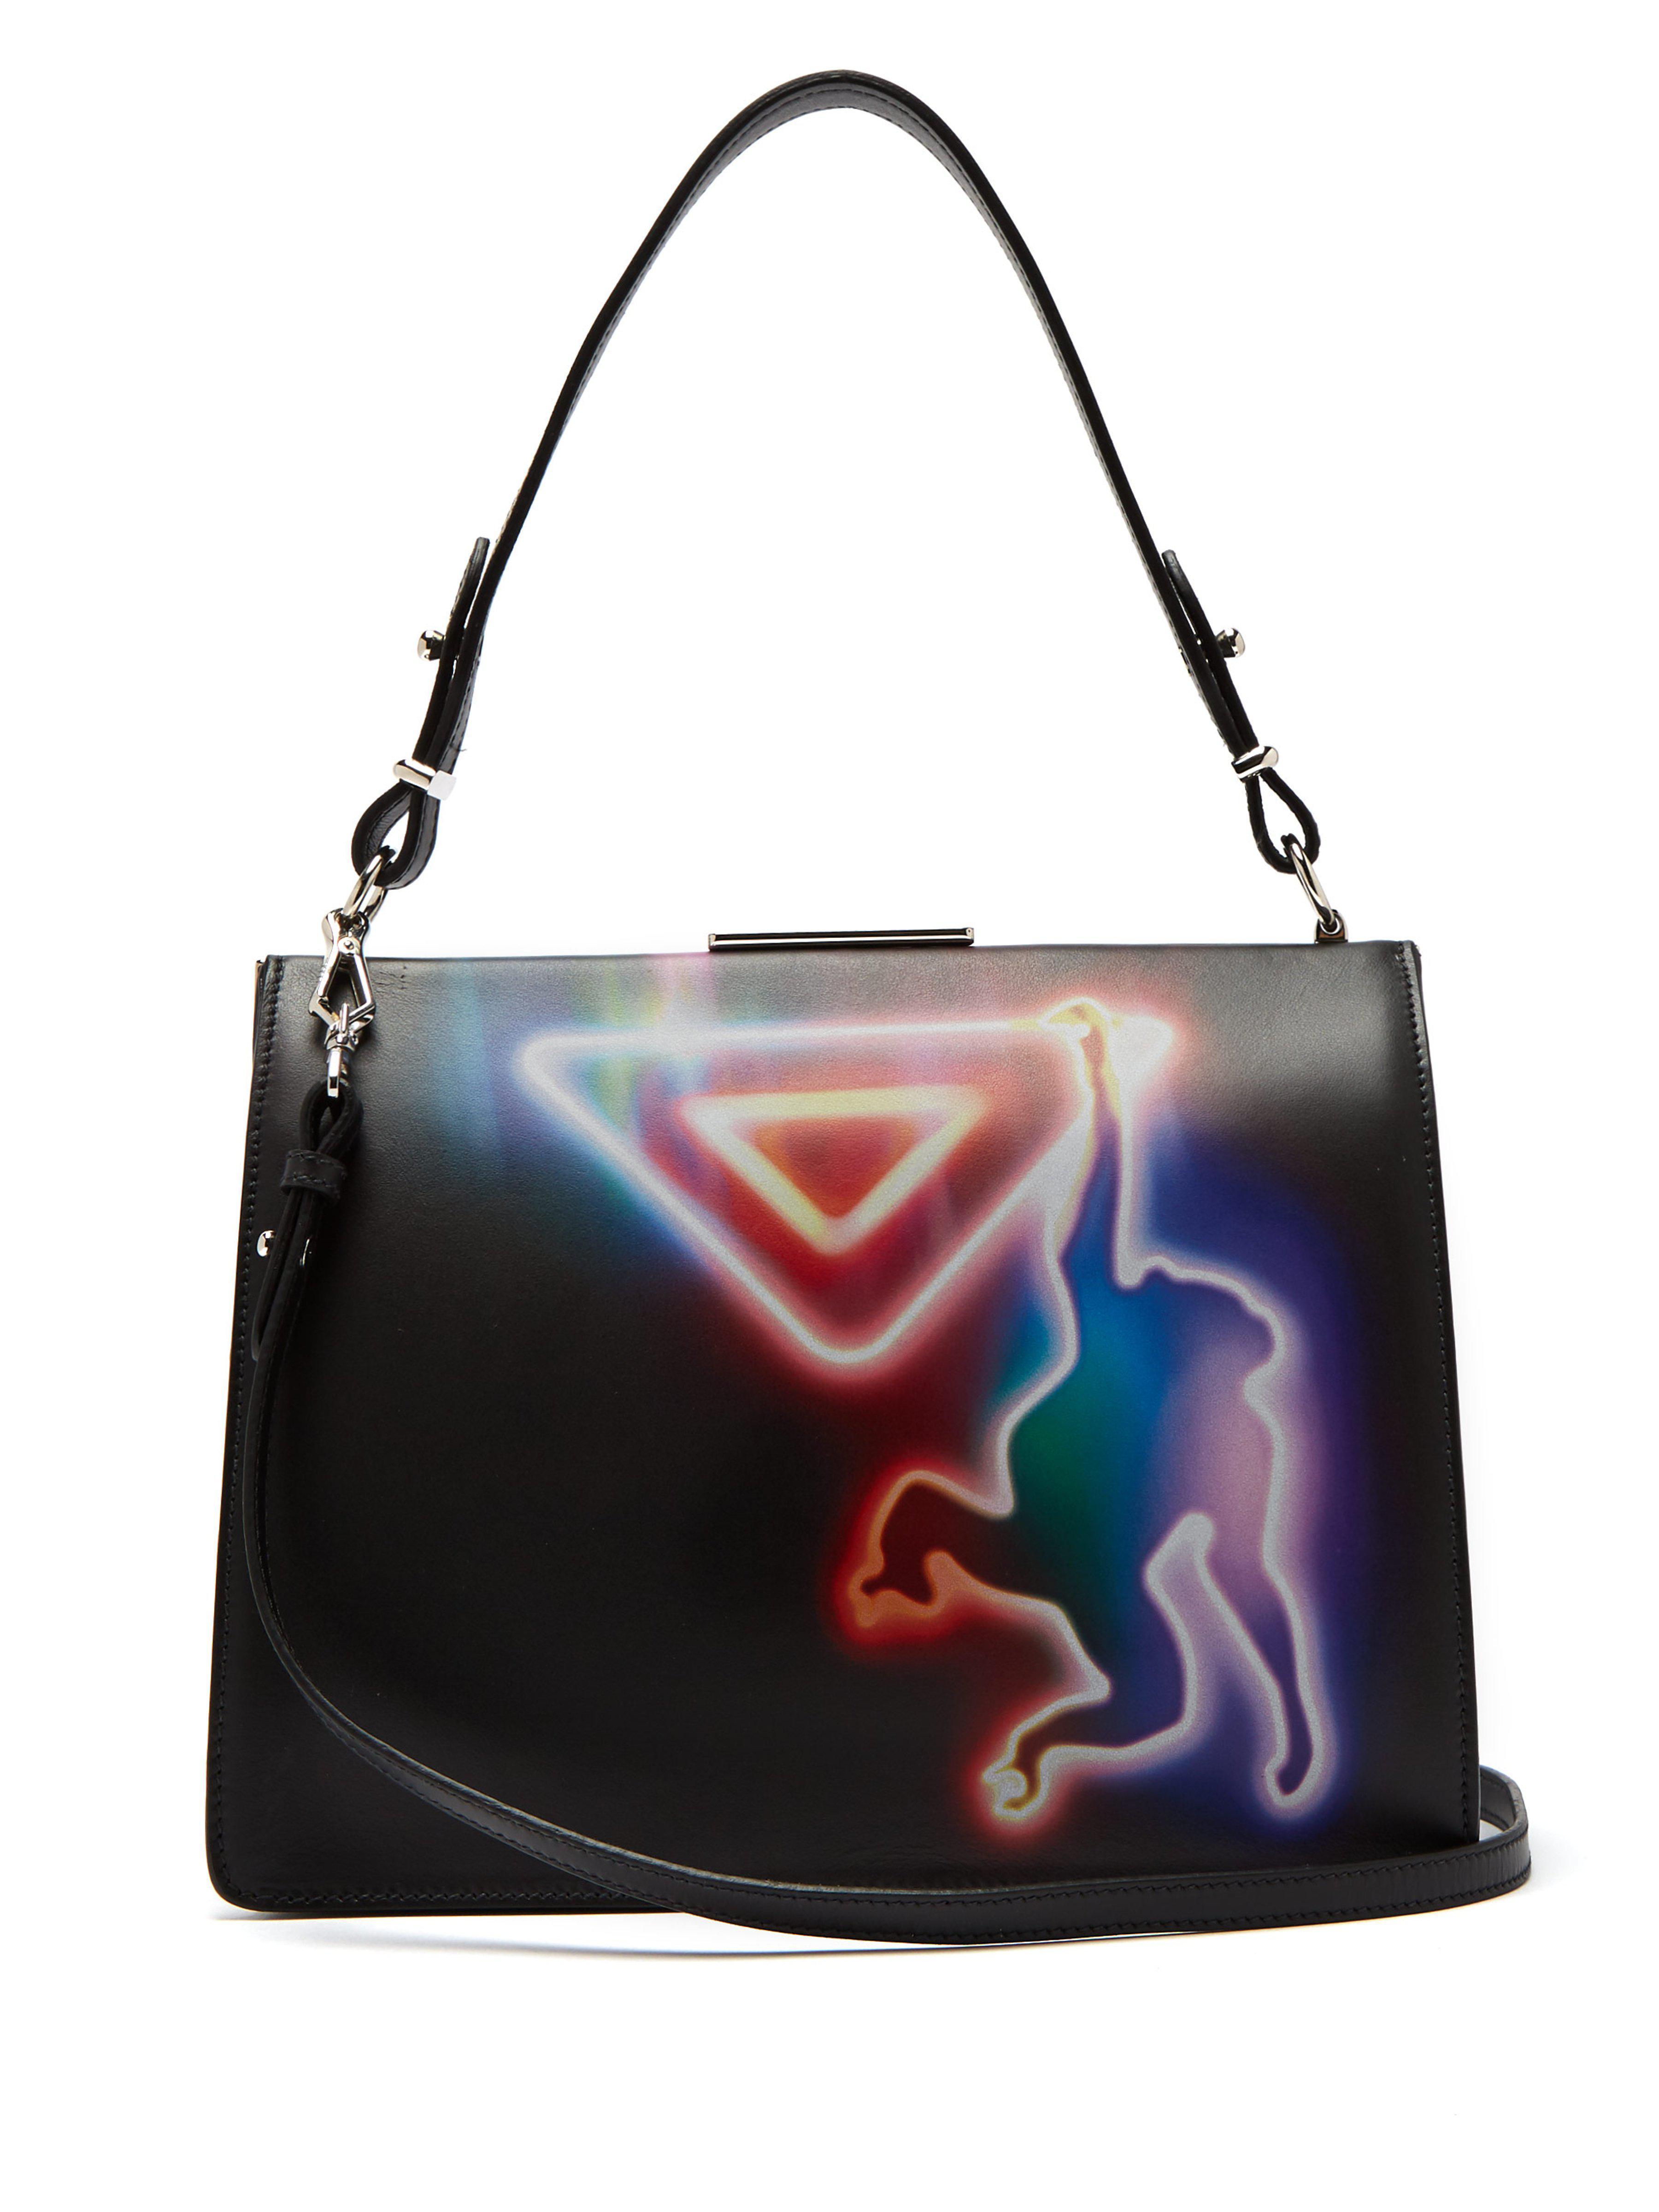 7af14fd0d1fc Prada Monkey Print Leather Cross Body Bag in Black - Lyst